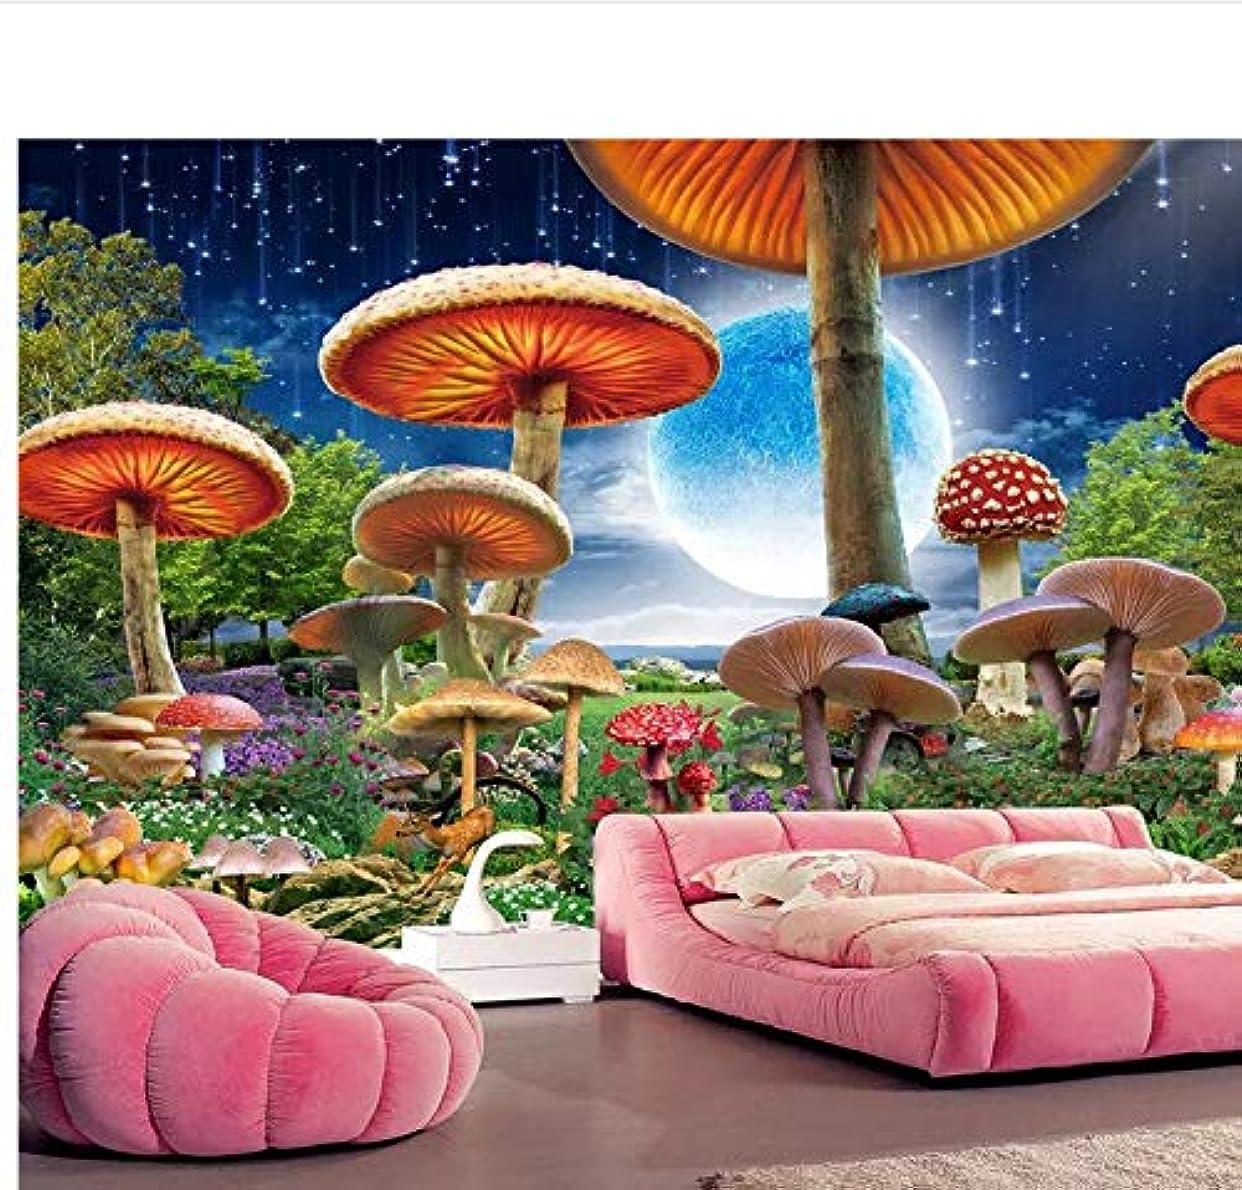 中止します切り刻む空気Weaeo カスタム壁紙妖精の世界夢の世界のキノコのテレビの壁の壁の家の飾りリビングルームベッドルームの3D壁紙-450X300Cm